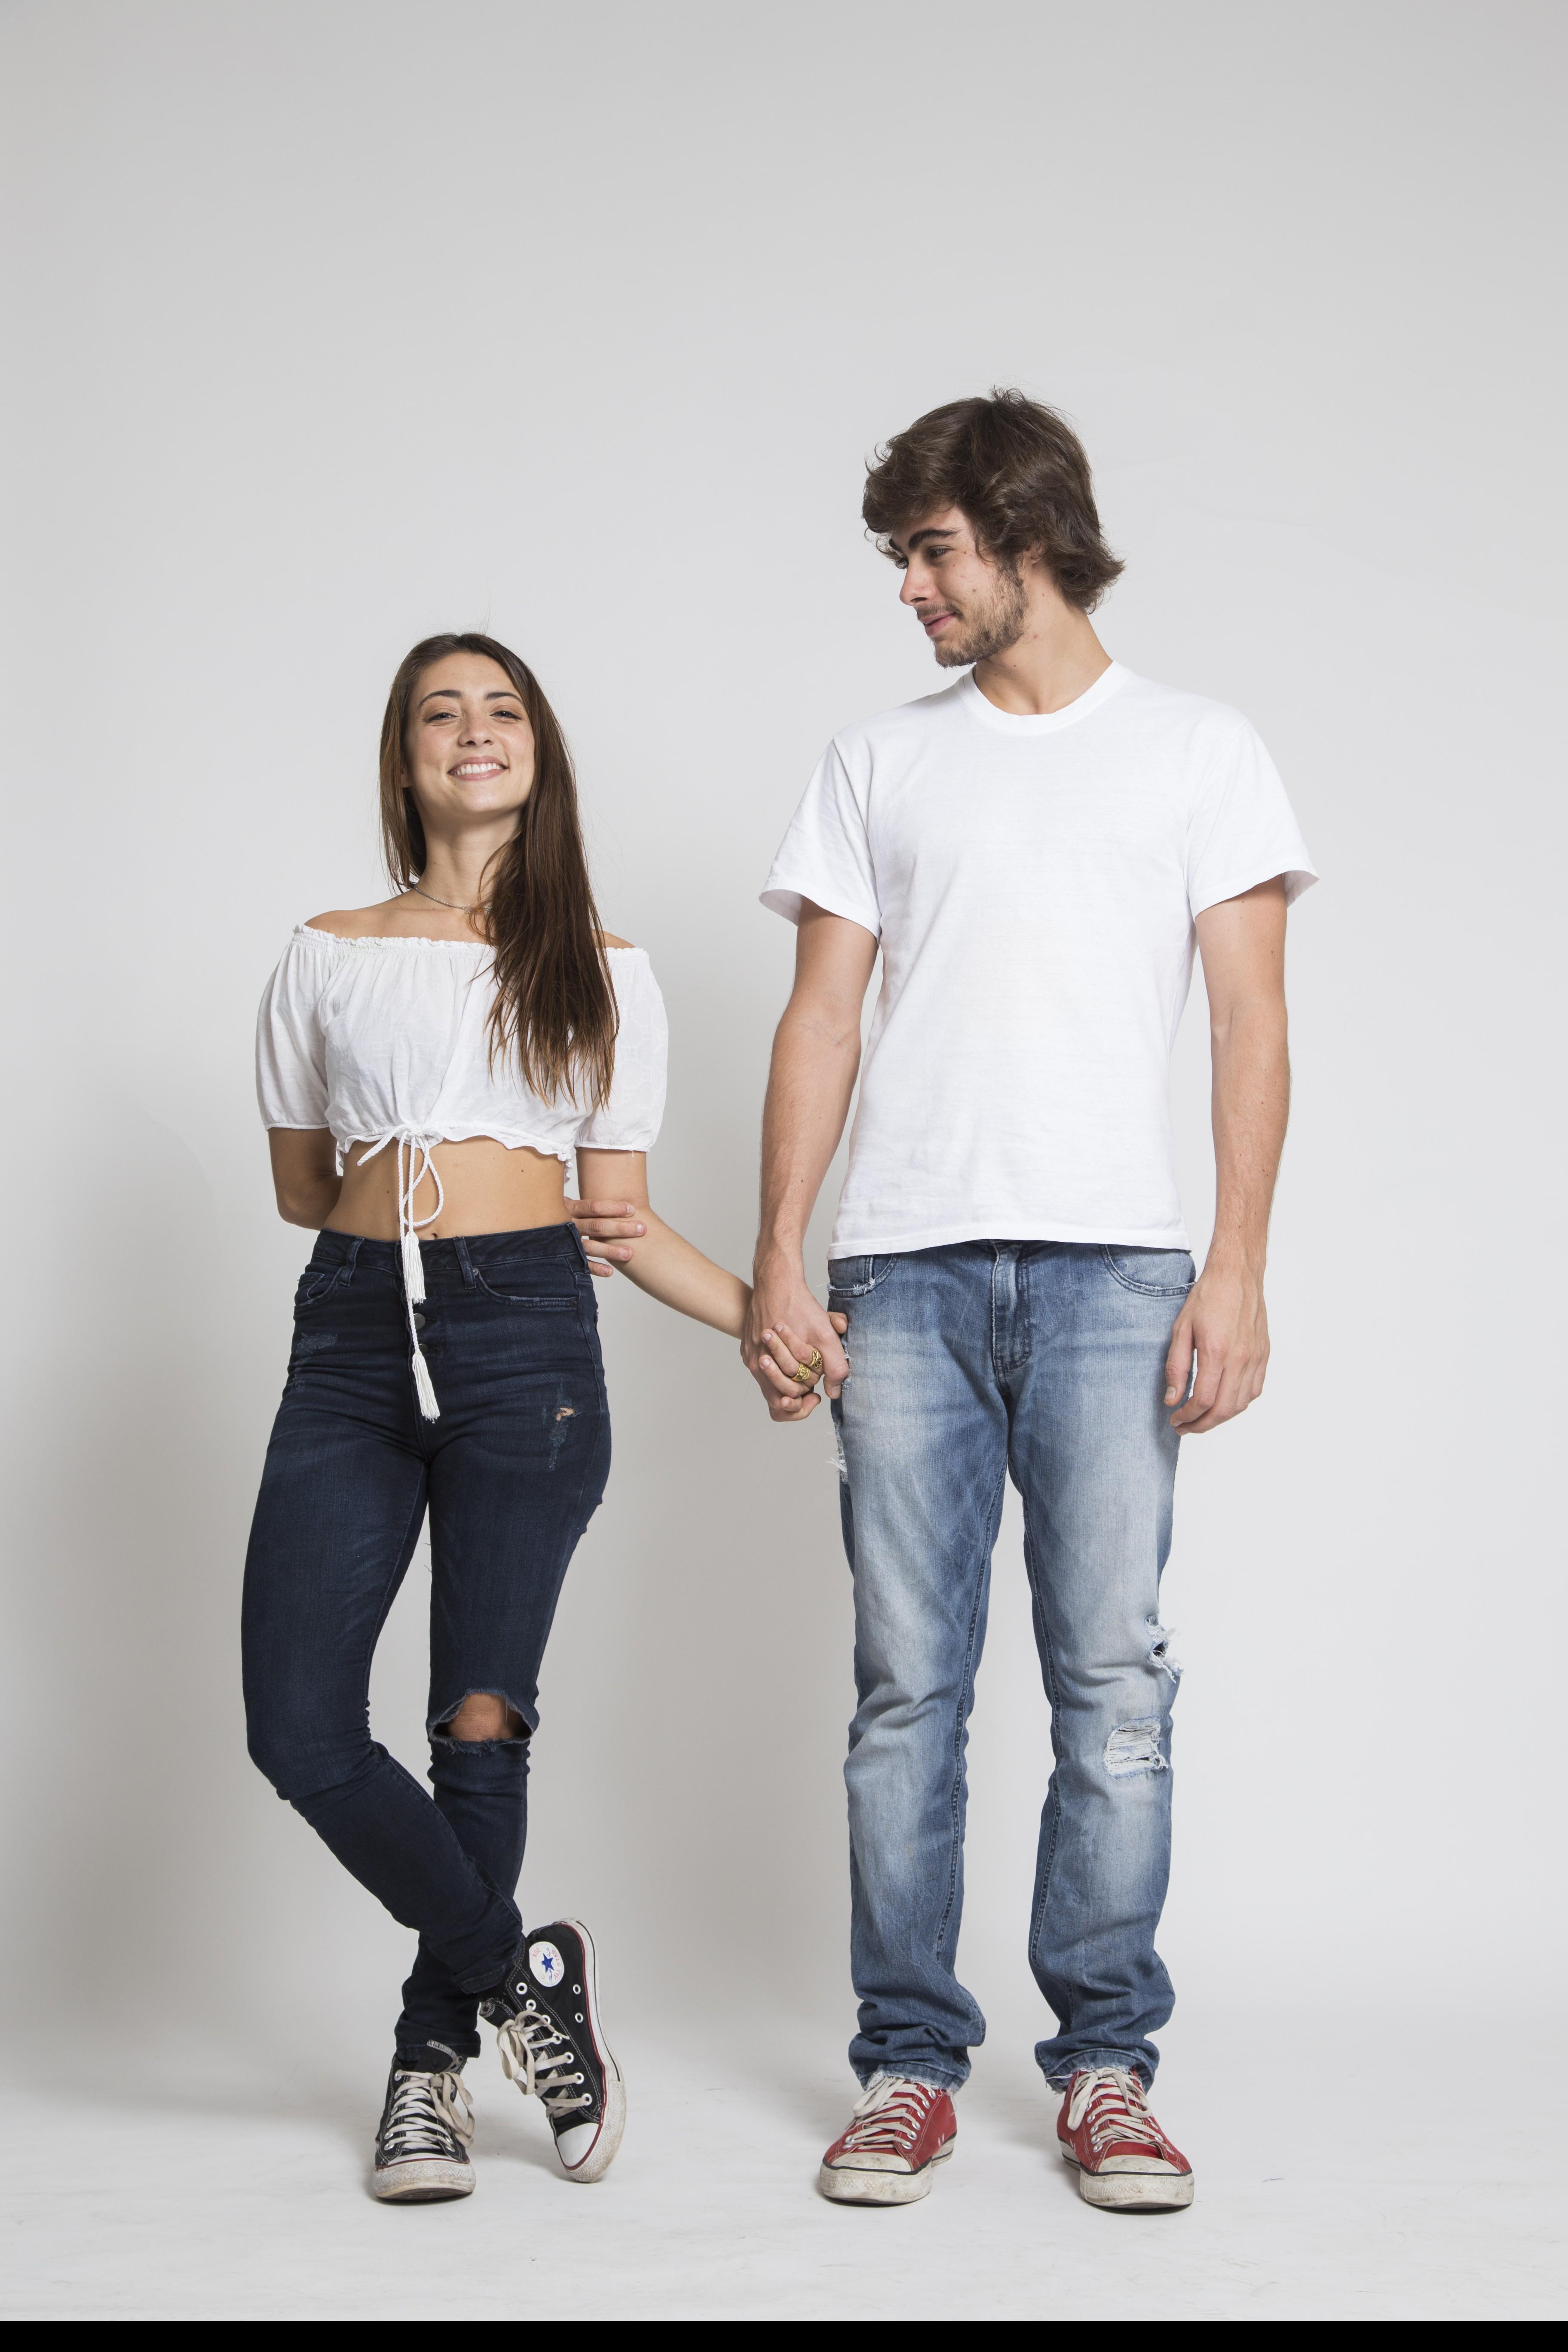 Julia Oristanio e Rafael Vitti posam juntos (Foto: Divulgação)